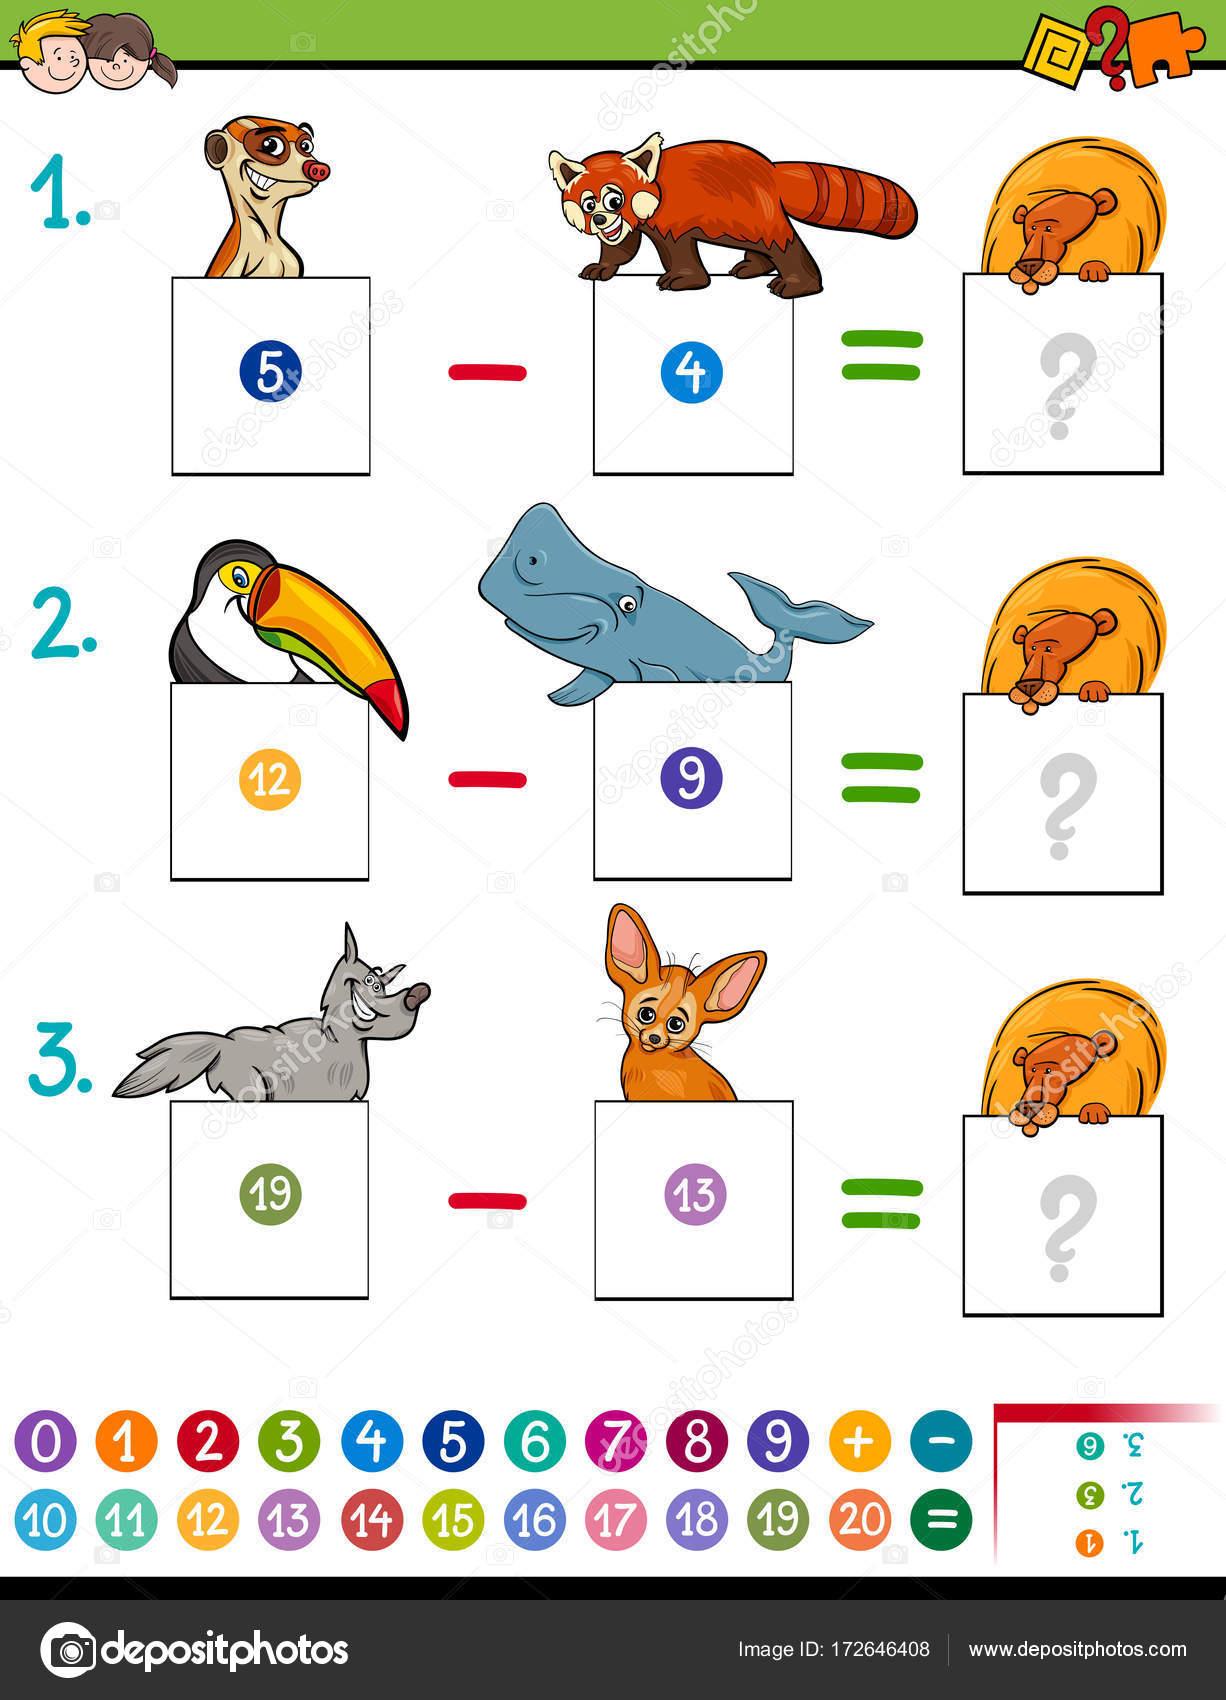 Juegos Matematicos Divertidos Para Descargar Juego De Matematicas